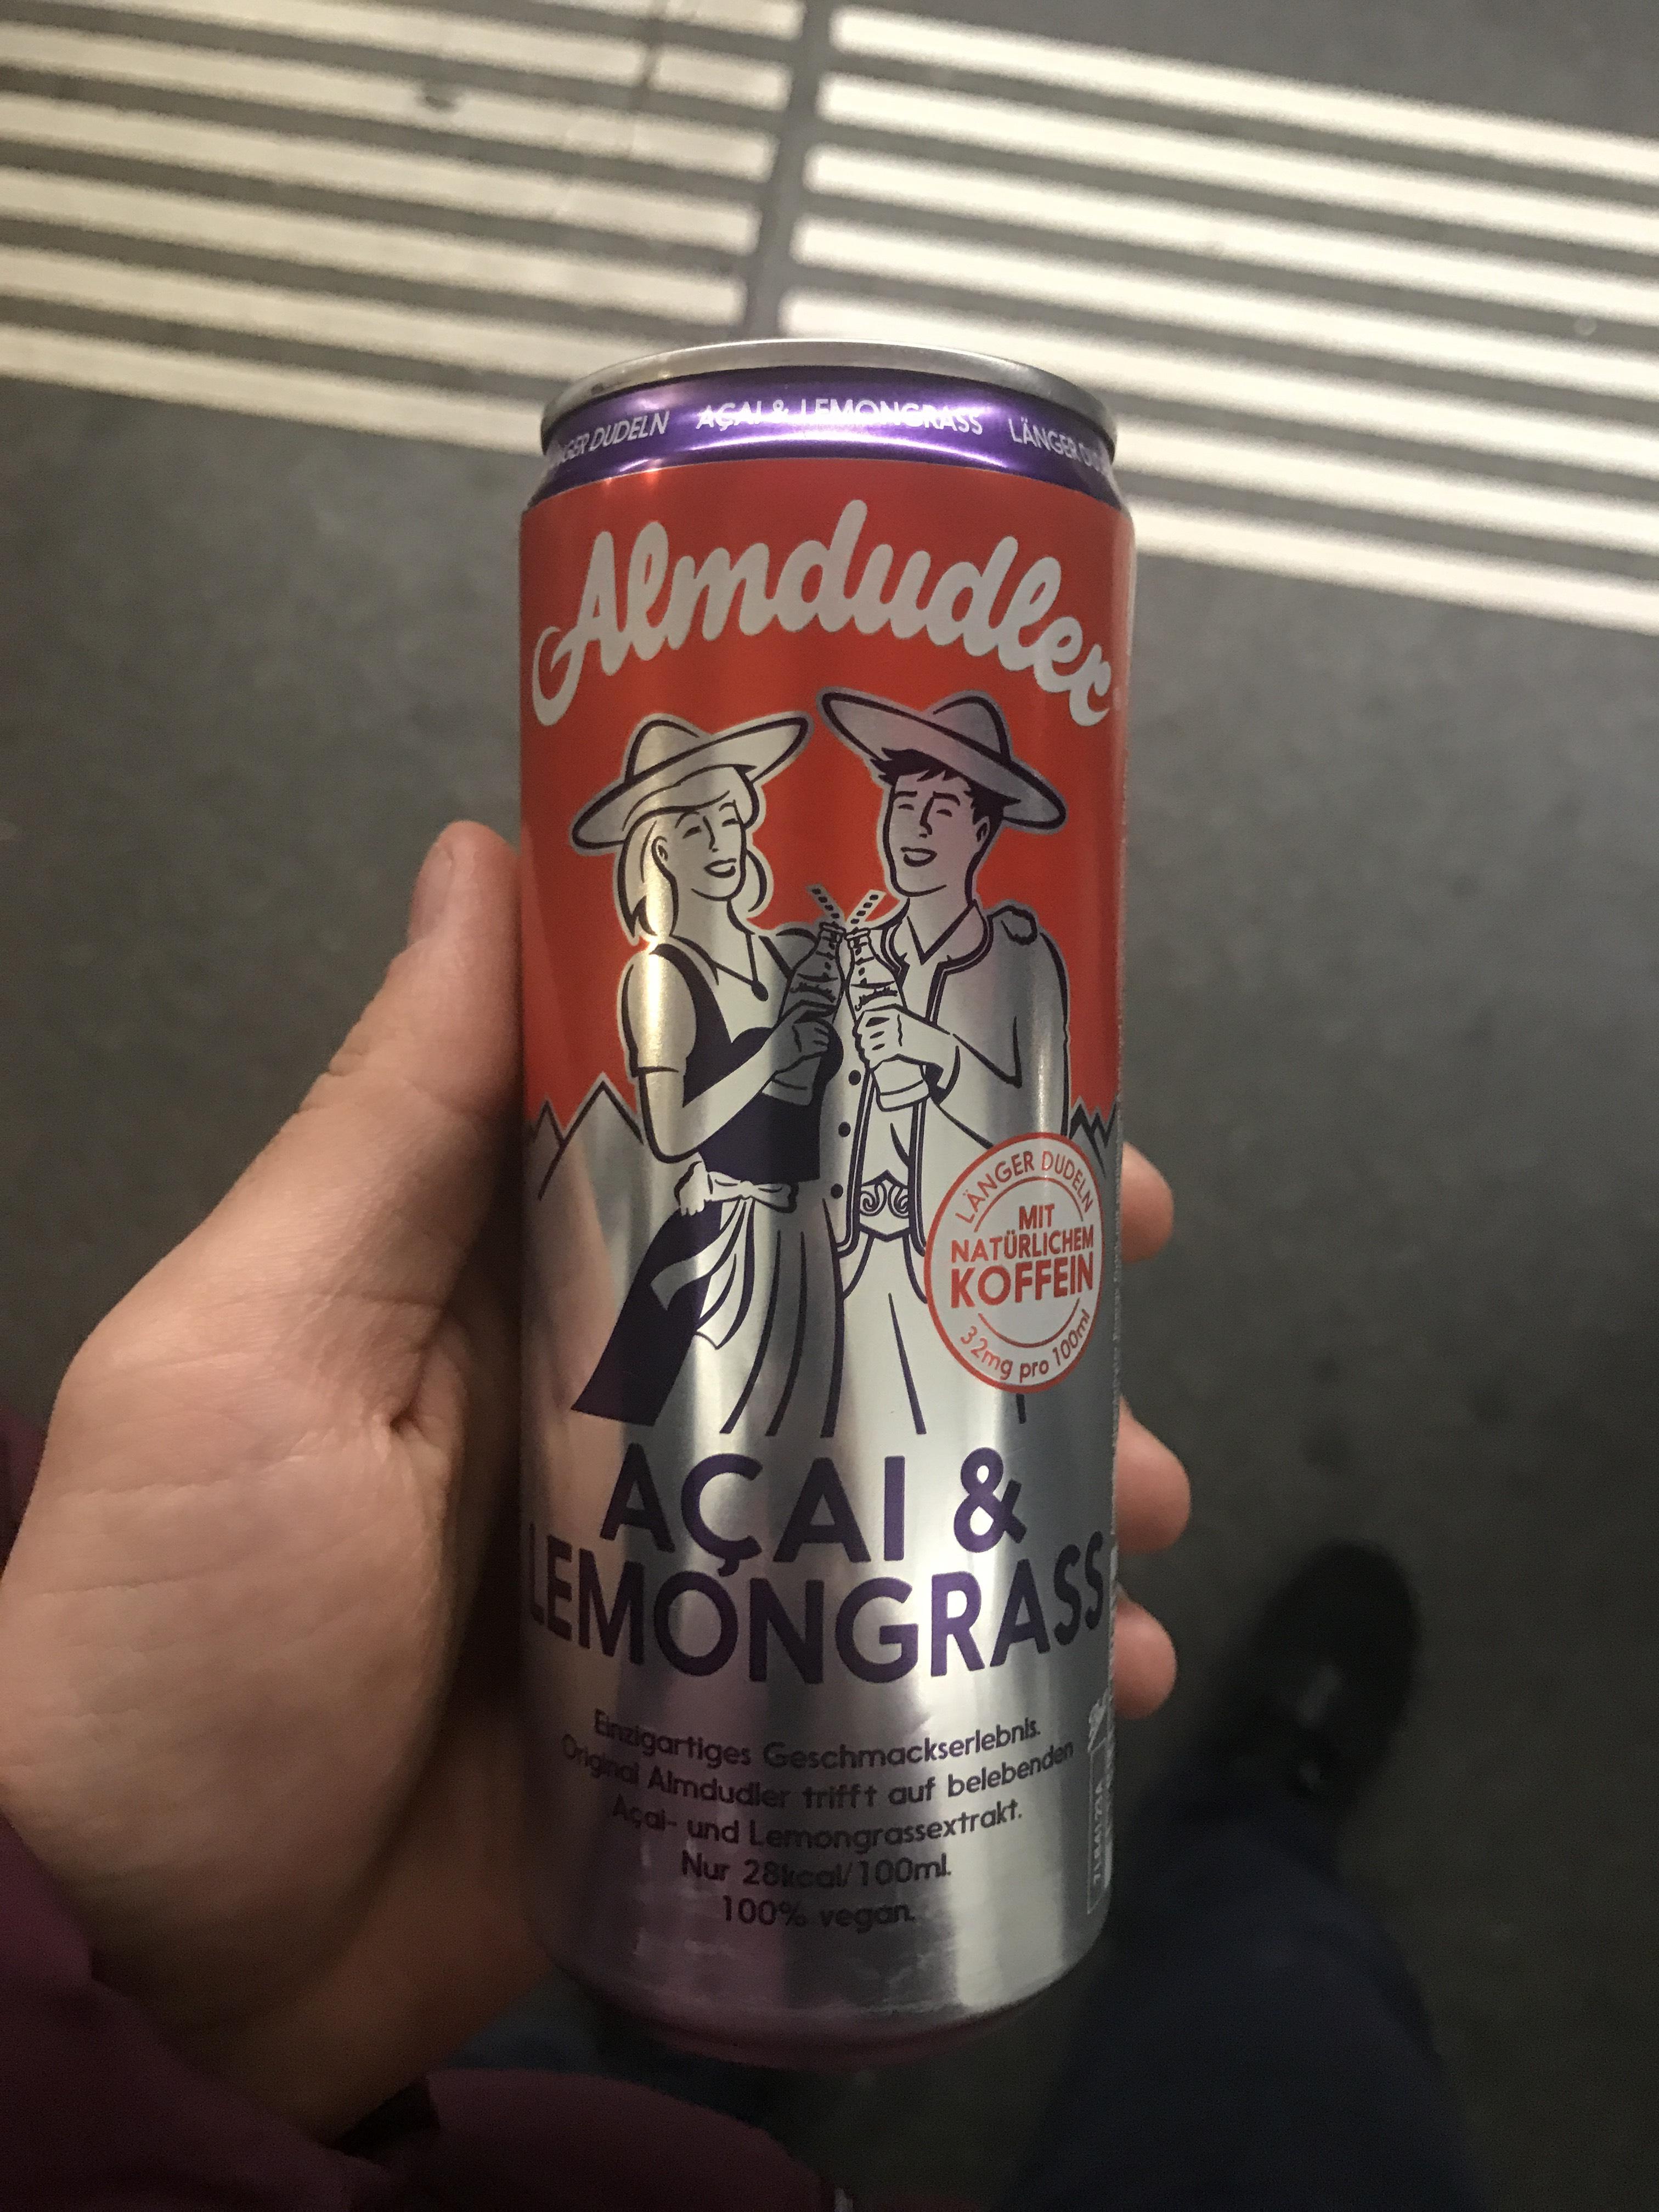 [Karlsplatz-Wien] Gratis Almdudler (mit Koffein)